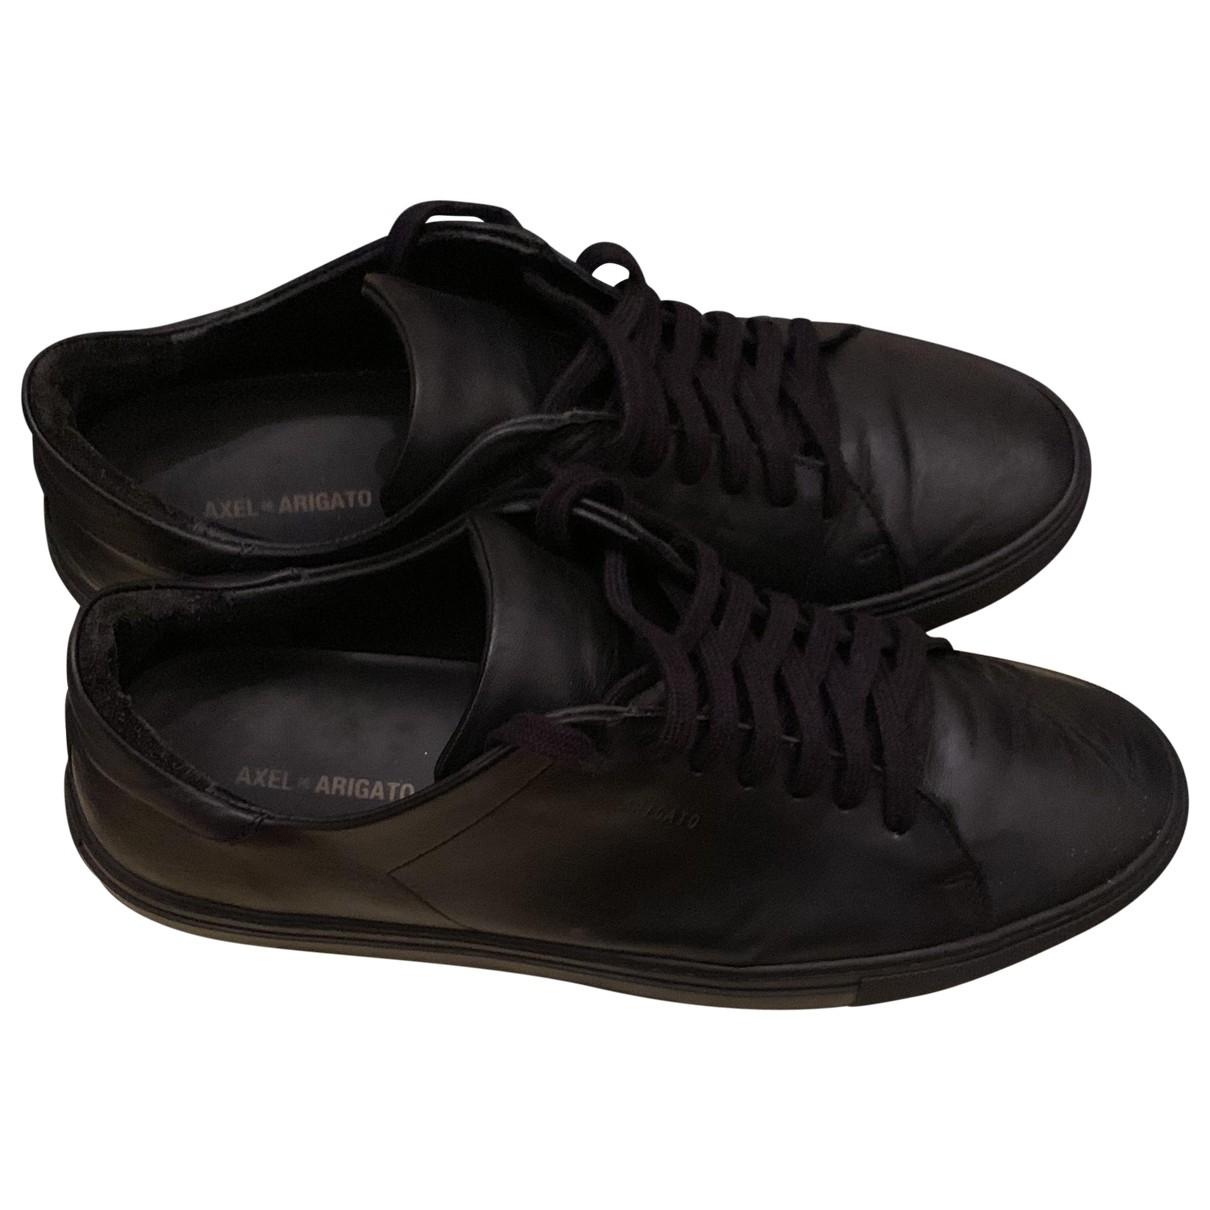 Axel Arigato - Baskets   pour homme en cuir - noir